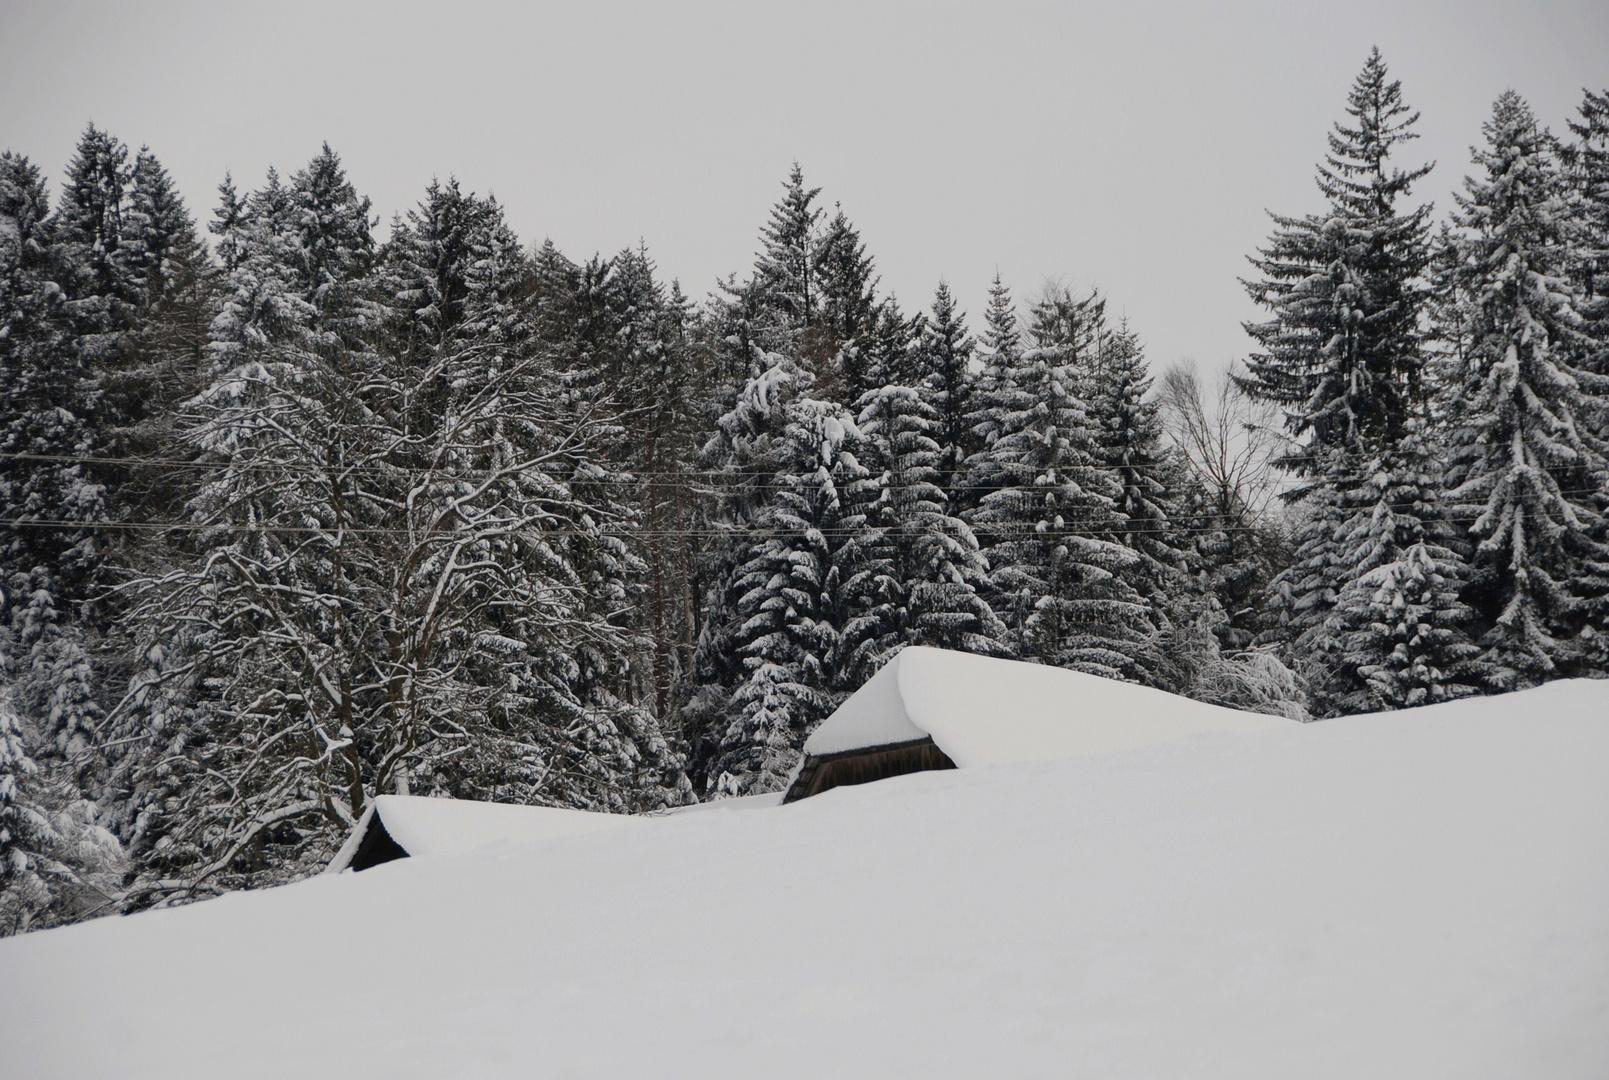 Ich glaube jetzt ist Winter